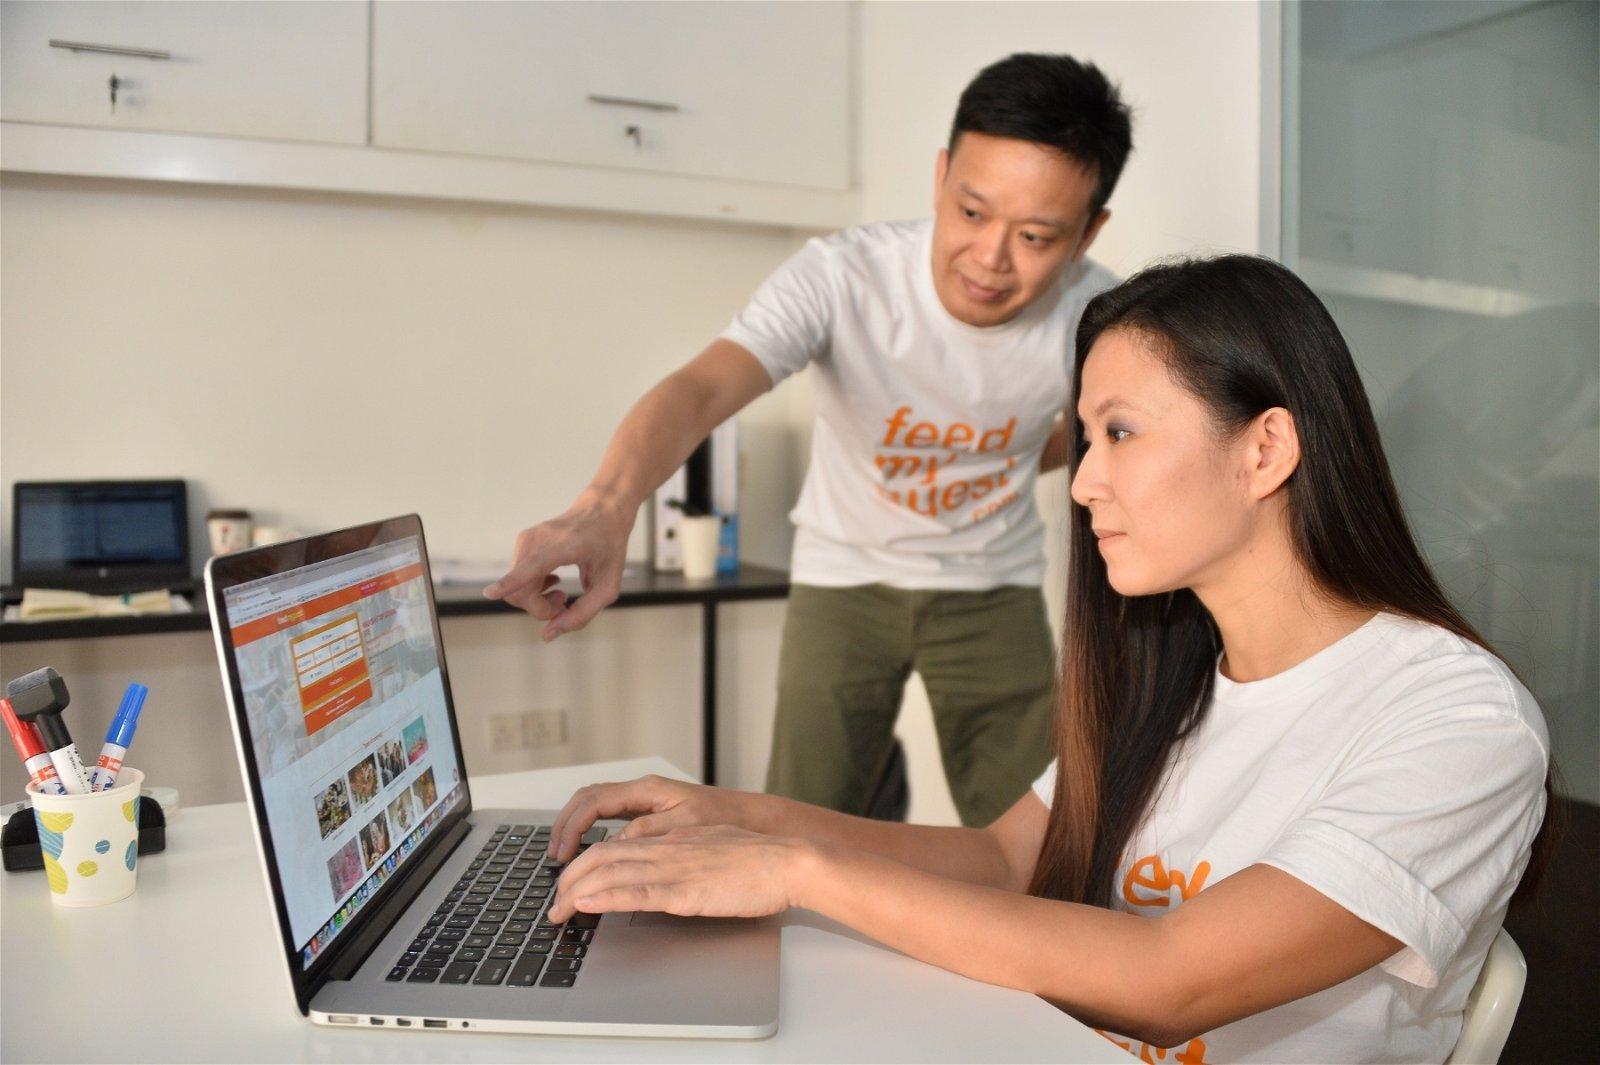 """林炽昇(左起)和陈楚慧联同另一名创办人于2年前创立""""feedmyguest""""外烩订餐平台,至今已有300间店家加入,同时亦完成90万次交易量。"""